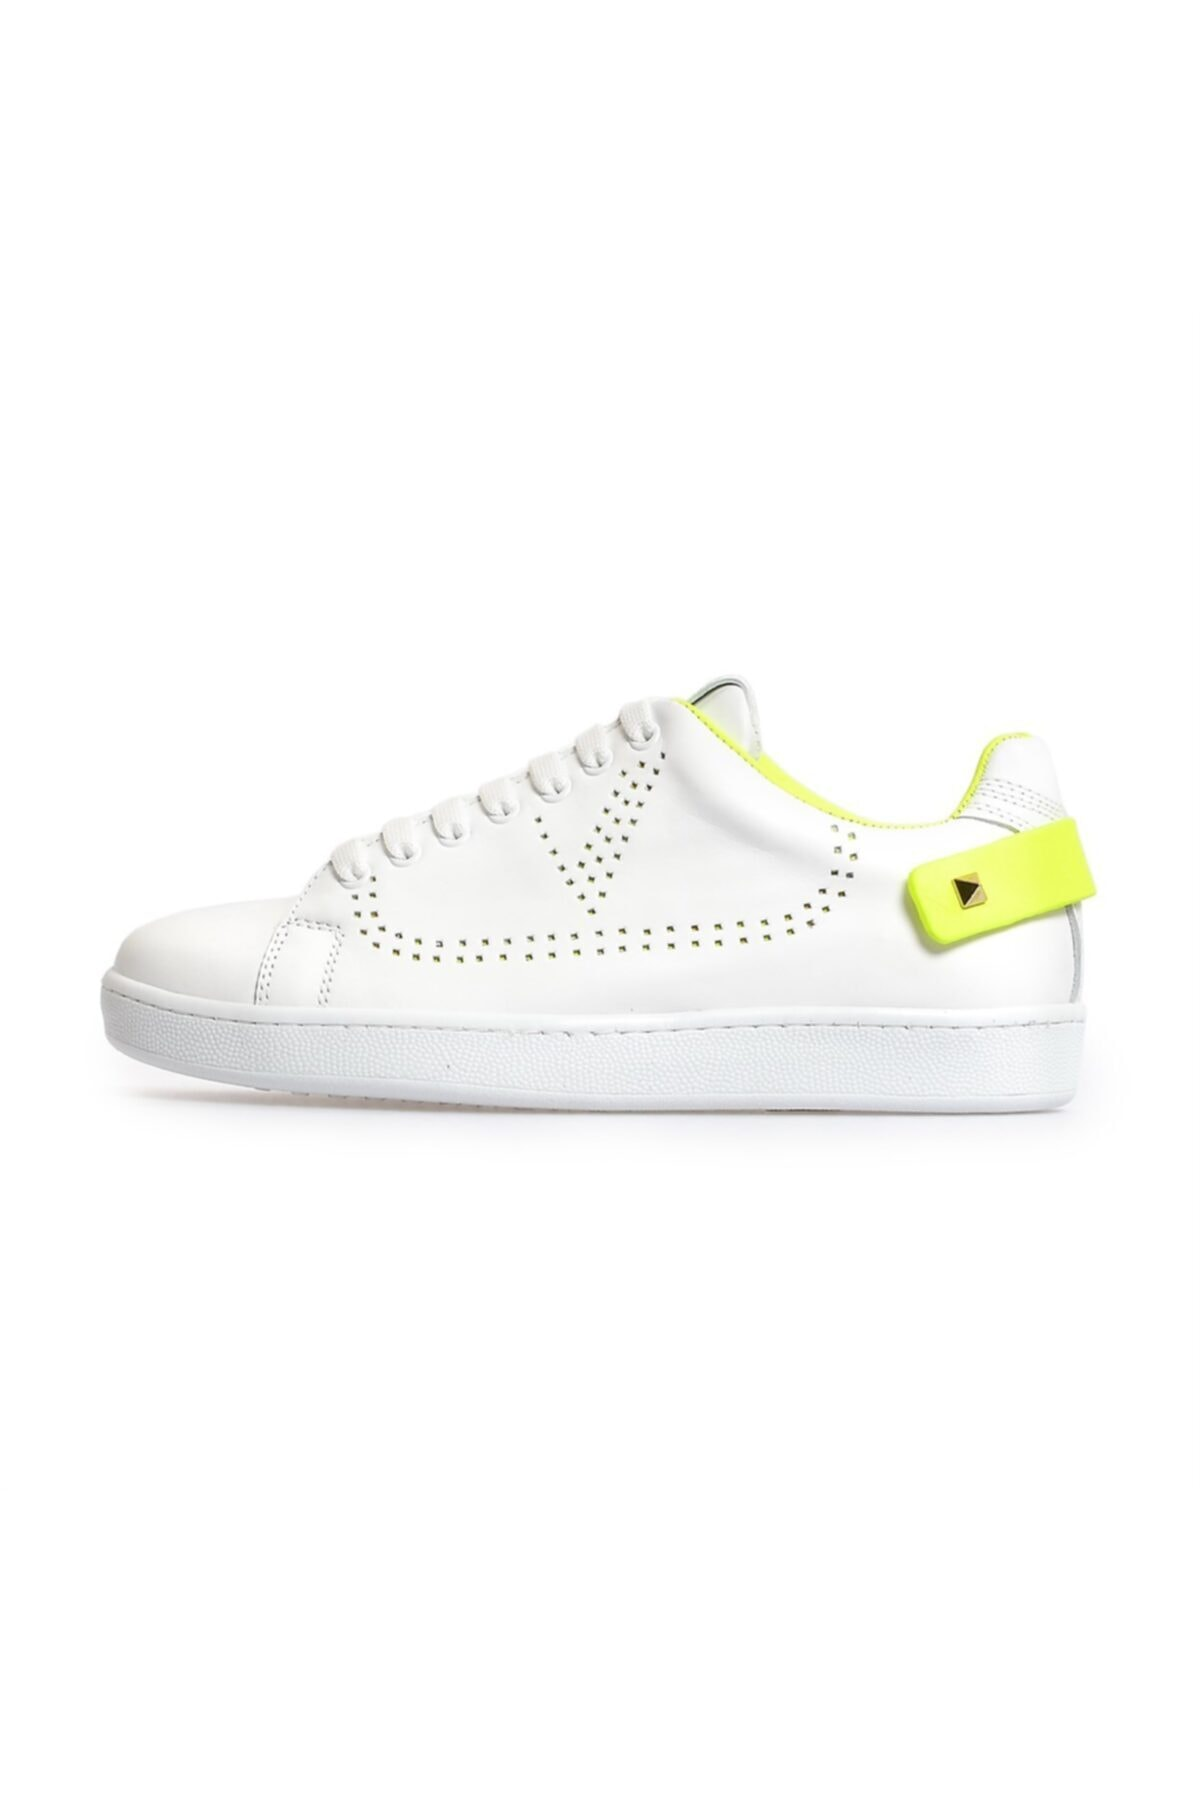 Flower Beyaz Sarı Trok Detaylı Bağcıklı Sneakers 1